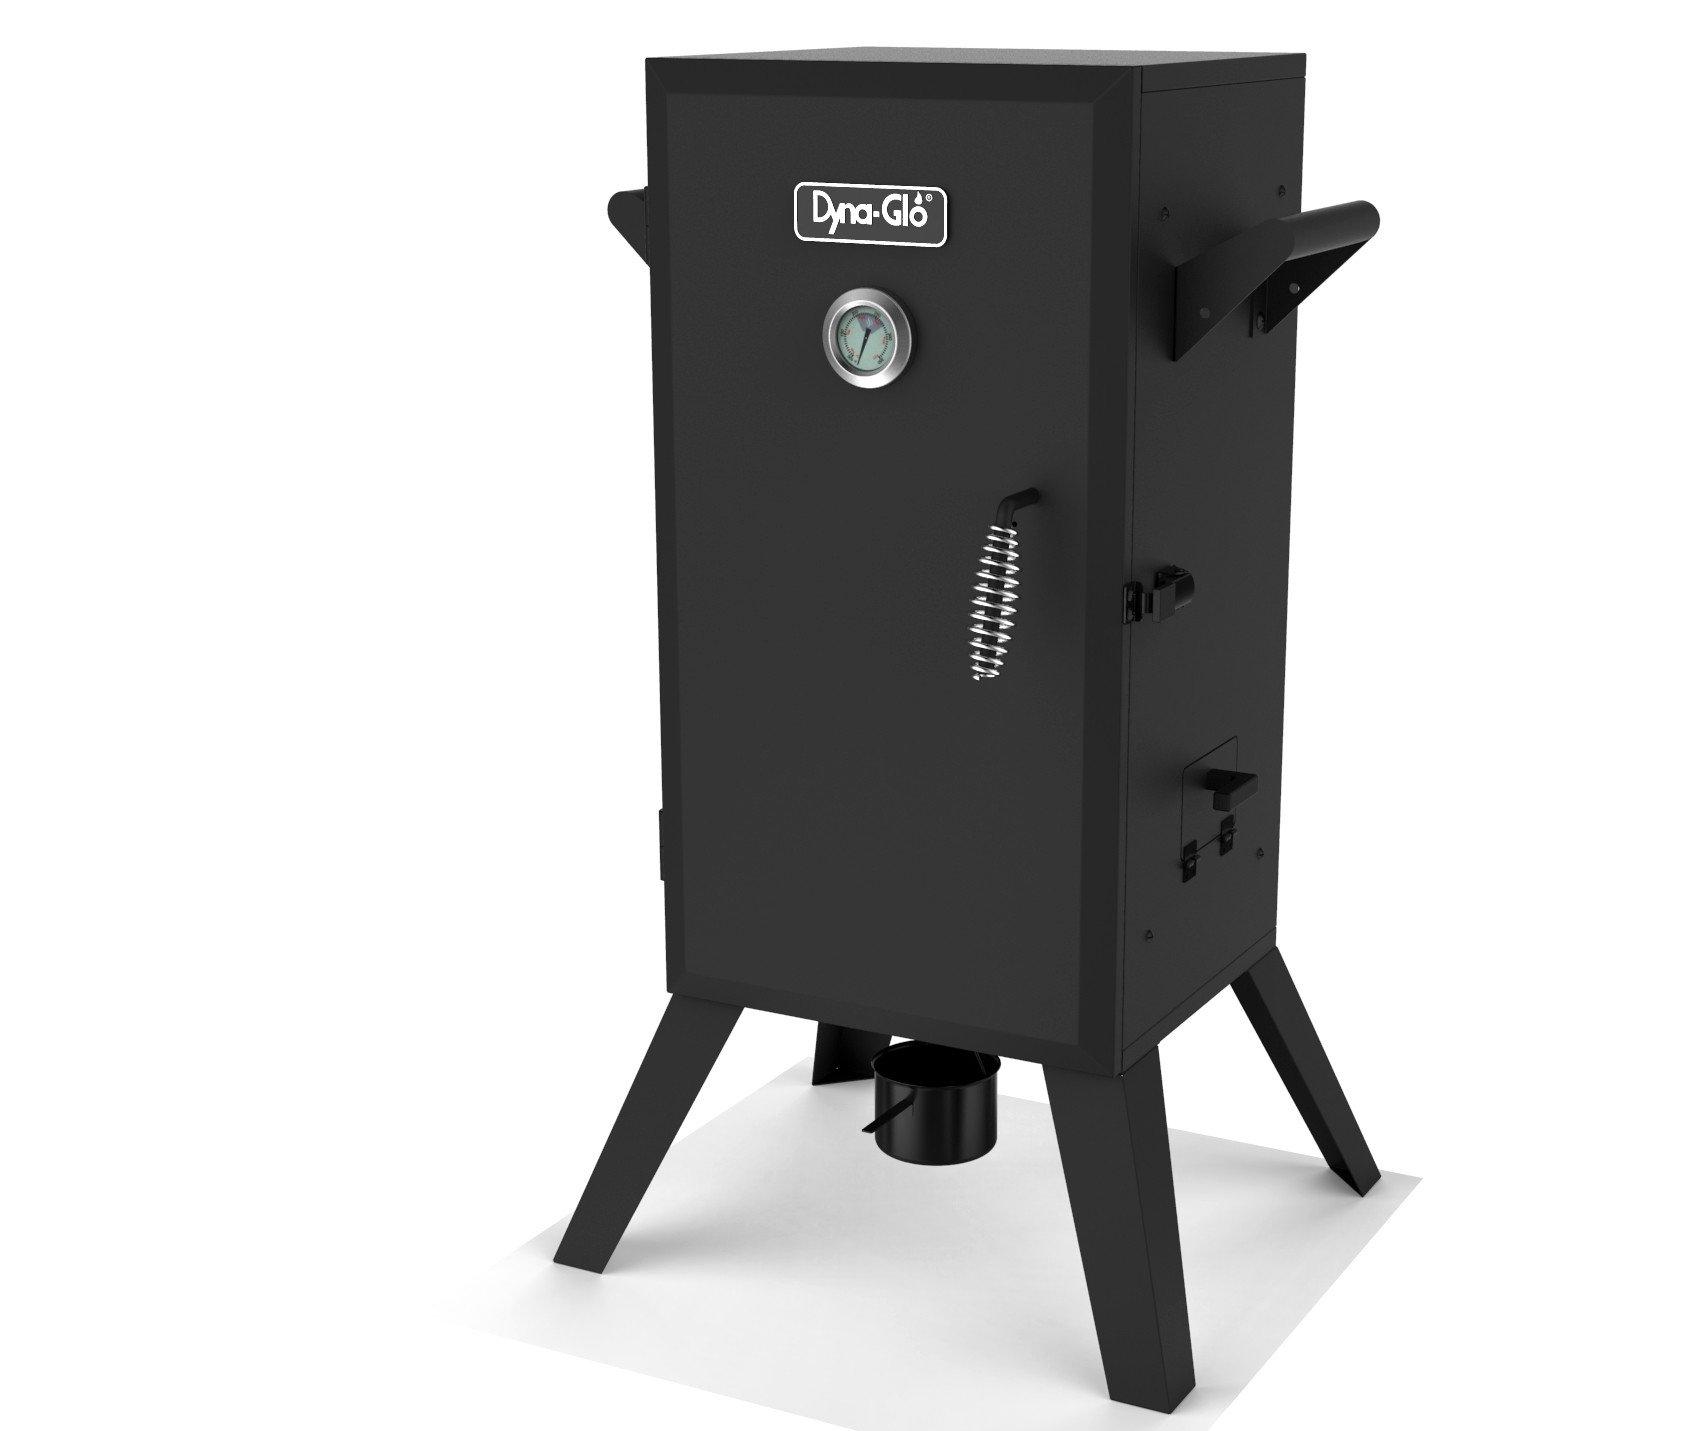 Dyna-Glo DGU505BAE-D 30'' Analog Electric Smoker by Dyna-Glo